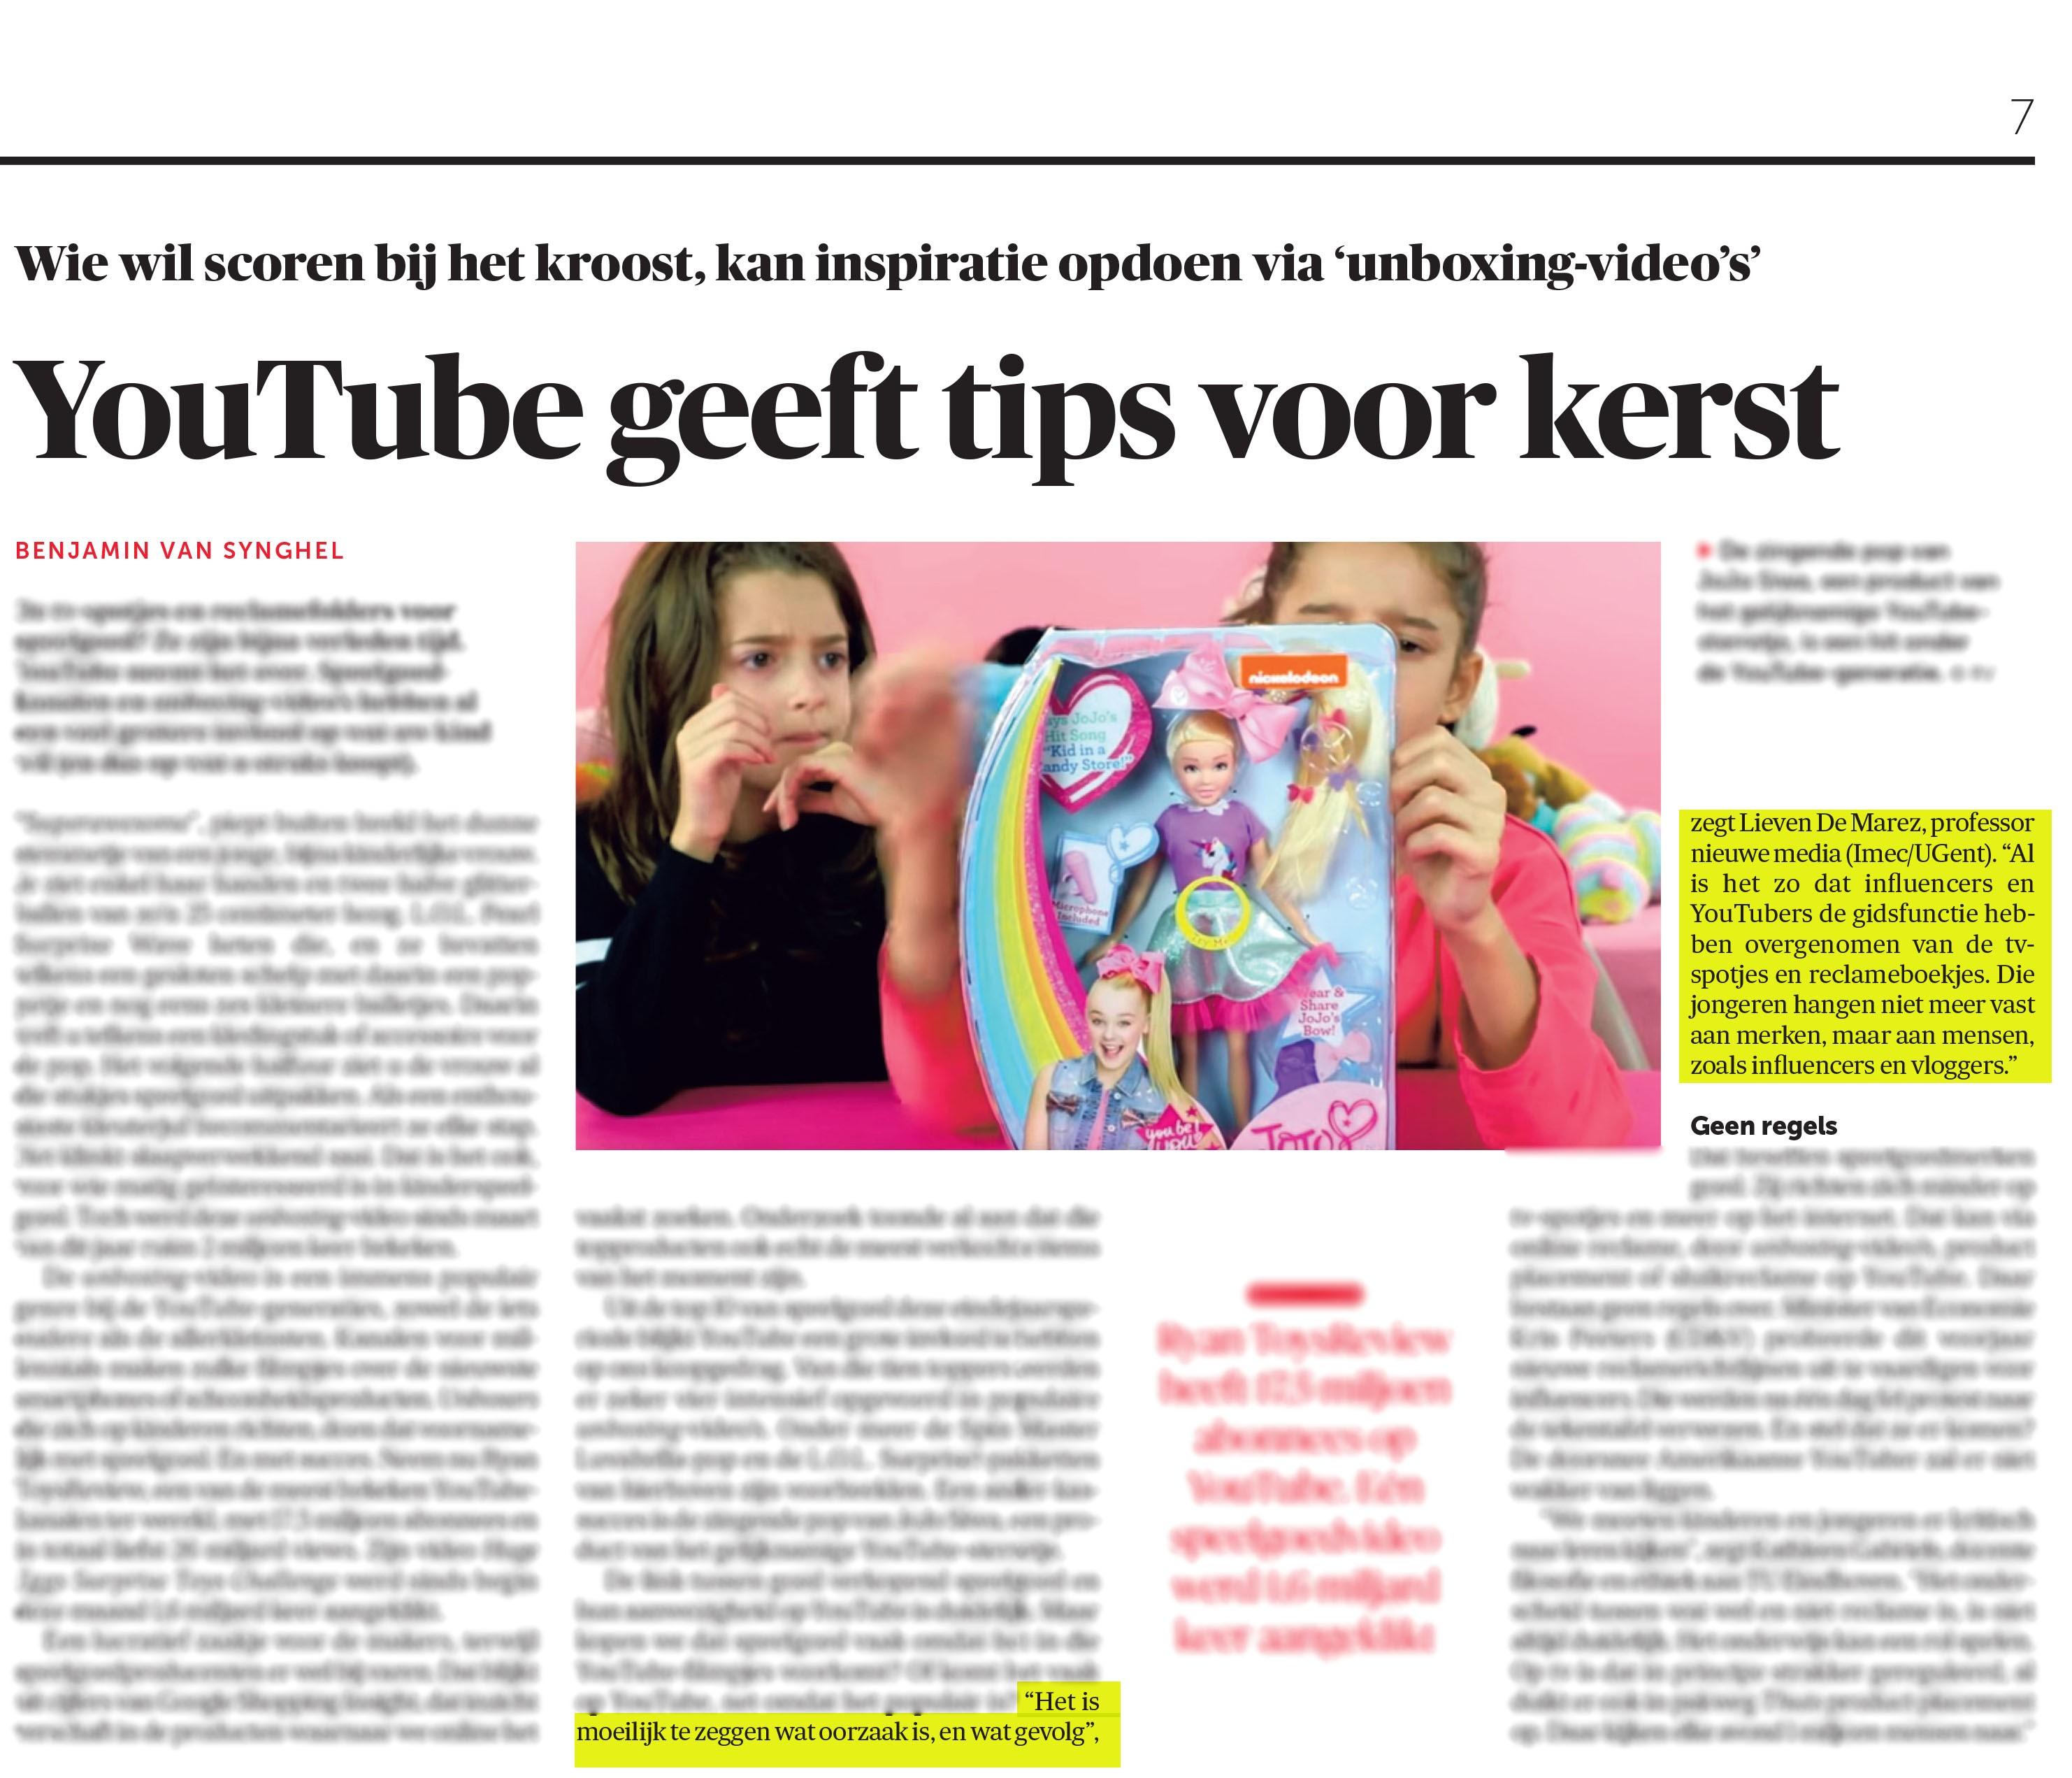 BRON: De Morgen, 12/12/2018, p. 7